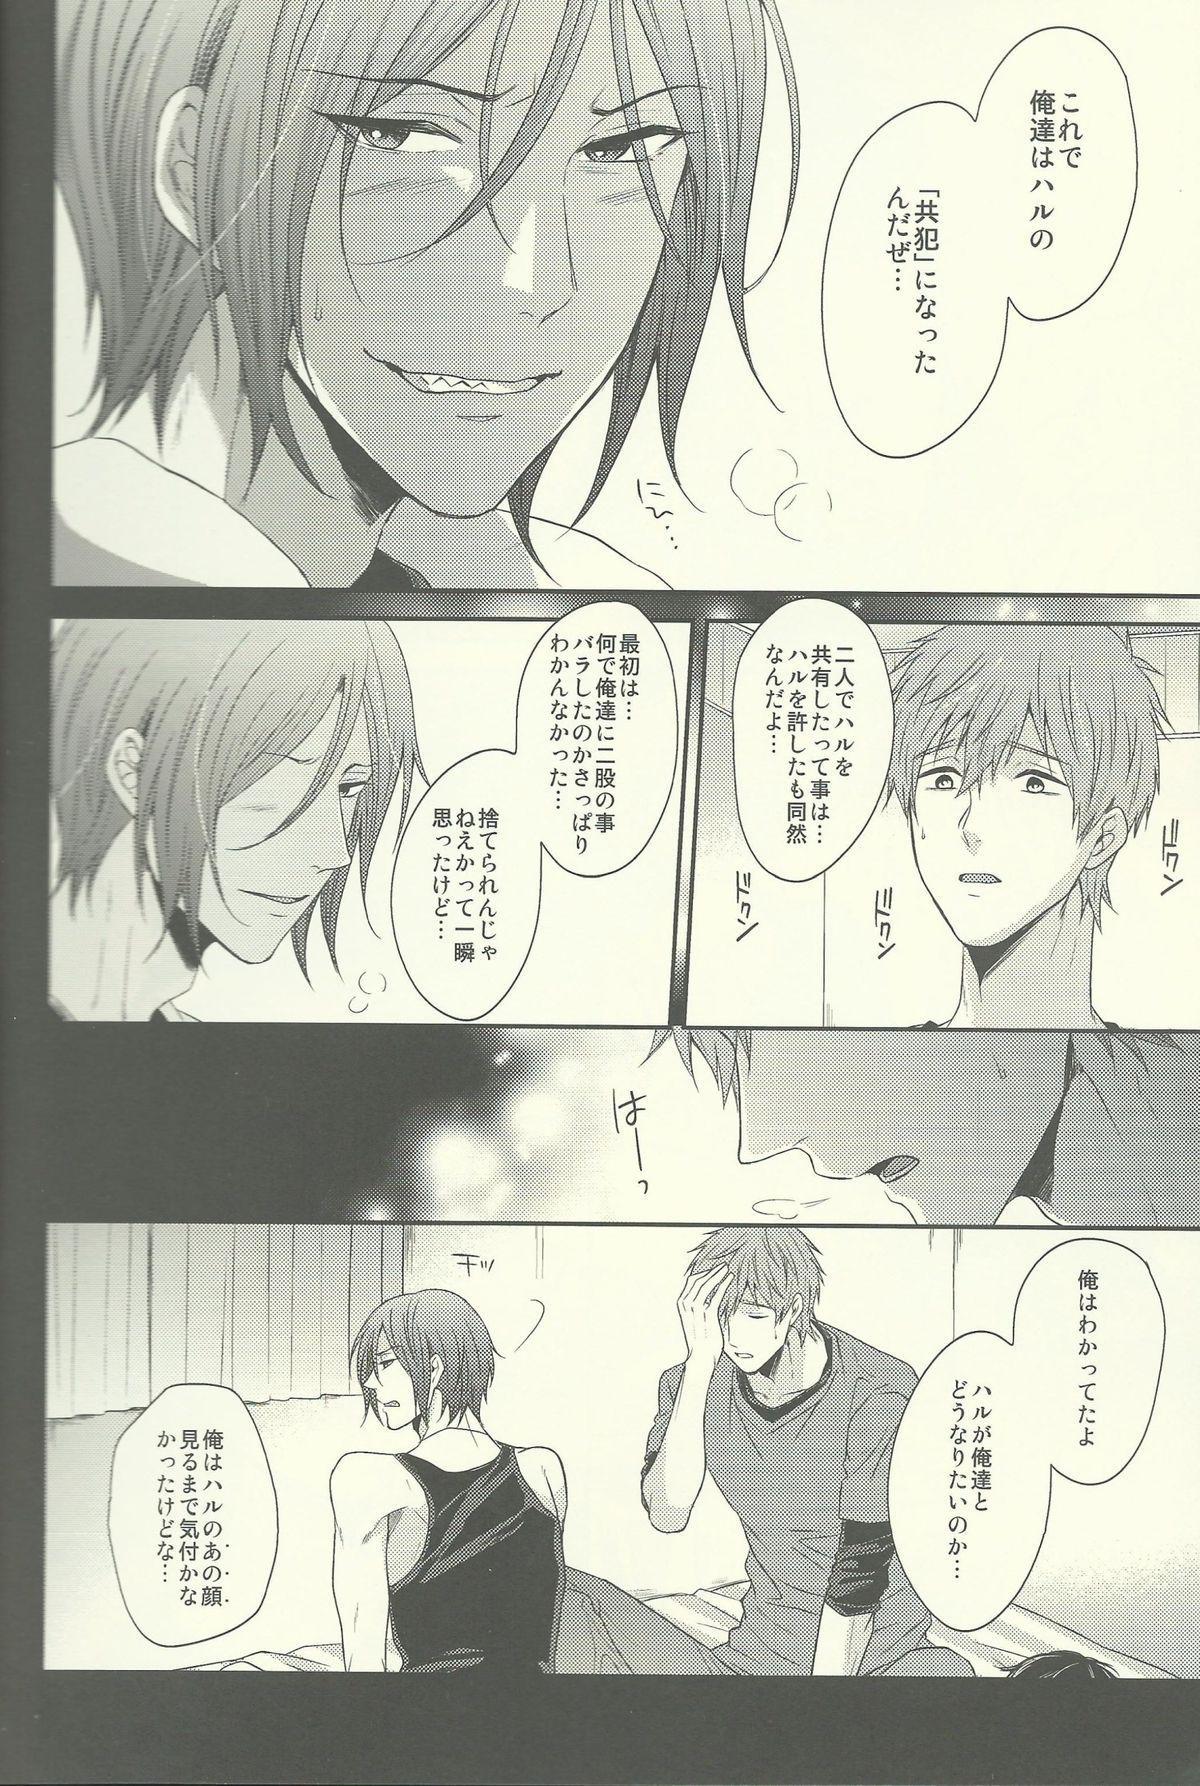 Yurushite Warui Iruka-chan 26